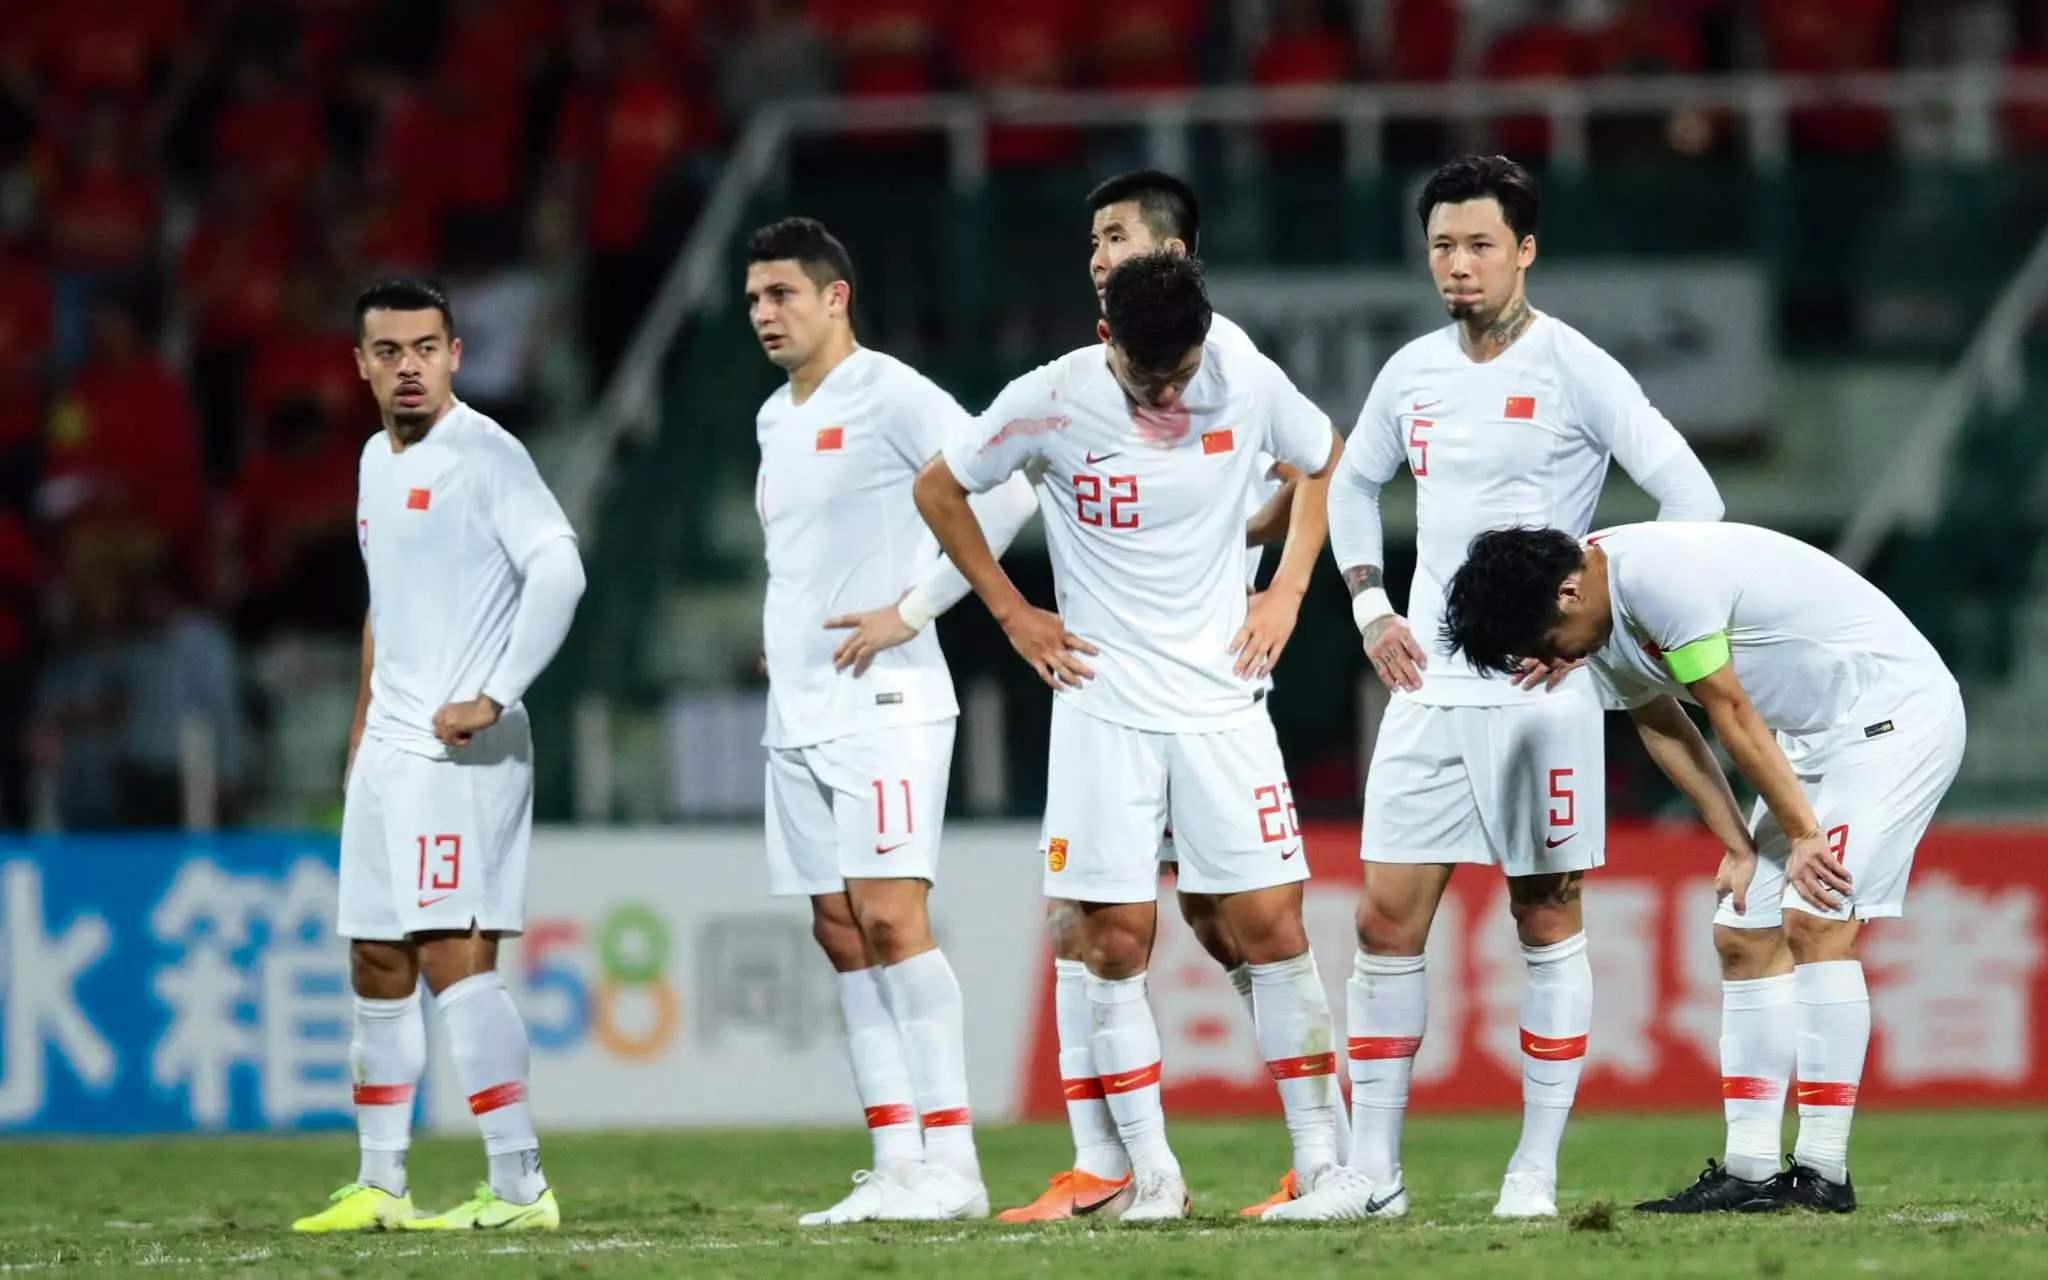 黄健翔:国足选帅拖不得,队员要和主教练形成真实团队